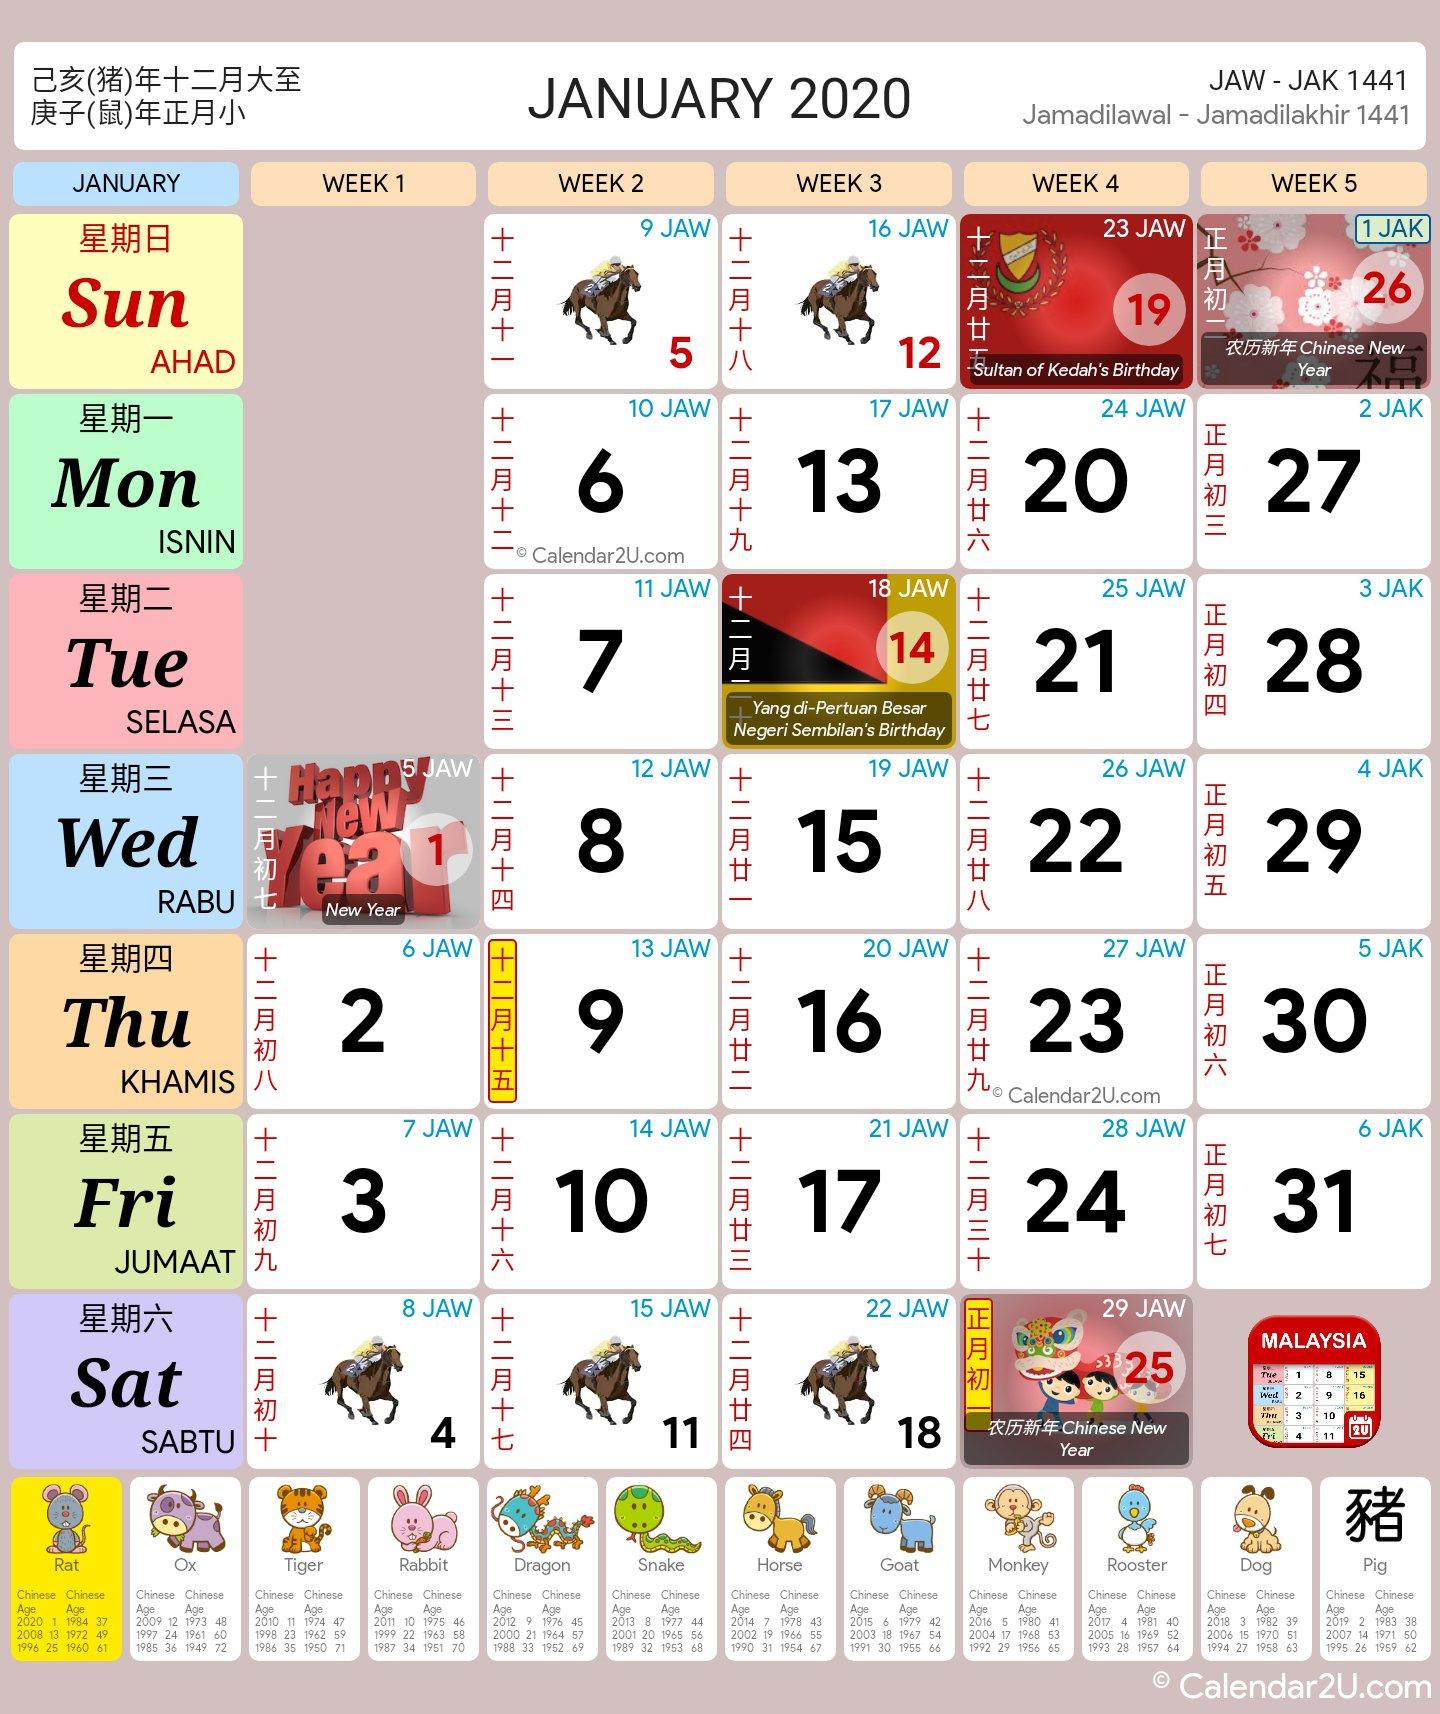 Kalendar Malaysia 2020 (Cuti Sekolah)  Kalendar Malaysia intended for Lumba Kuda Calendar 2020